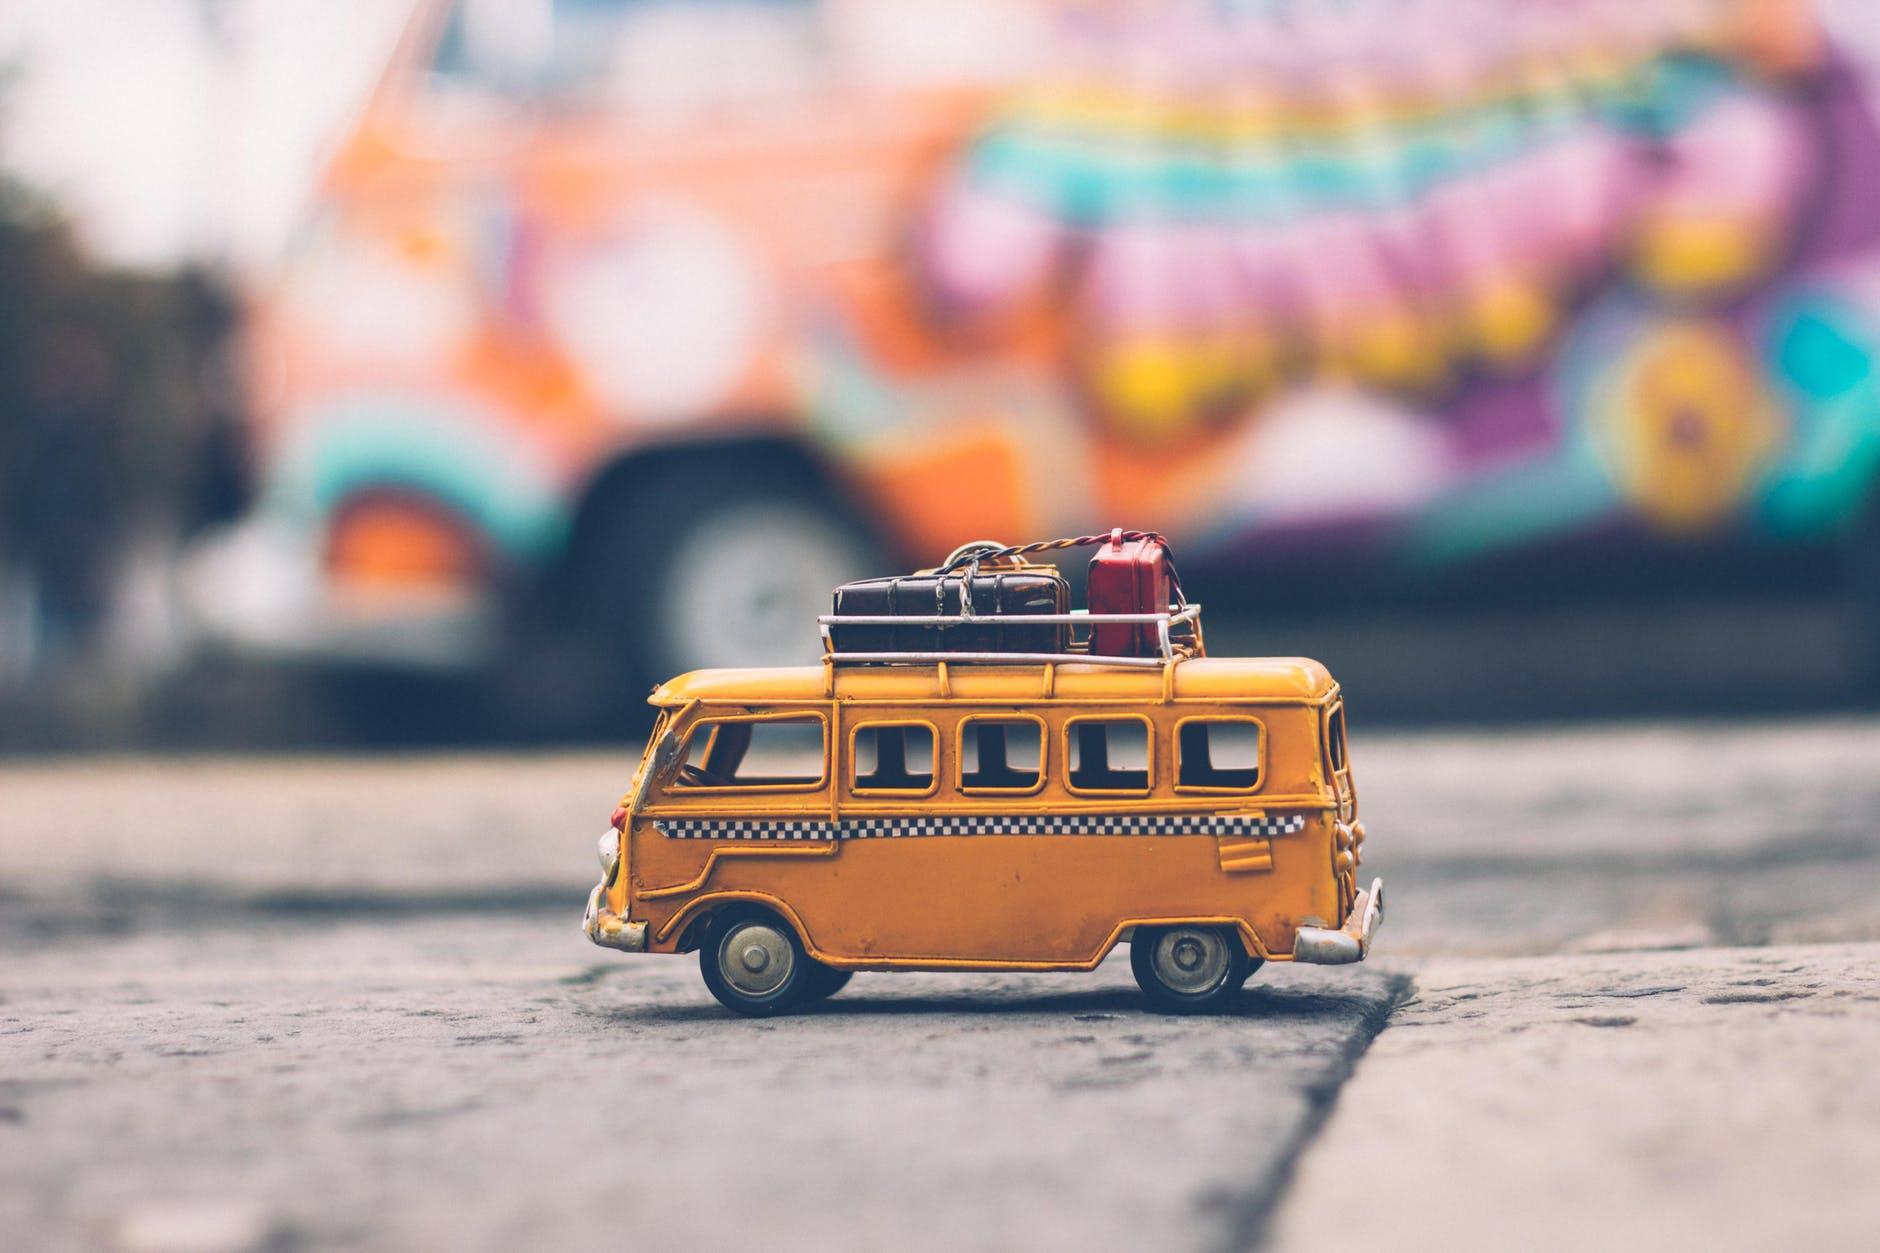 Vacanze a misura di bambino: qualche consiglio e suggerimento - 2020